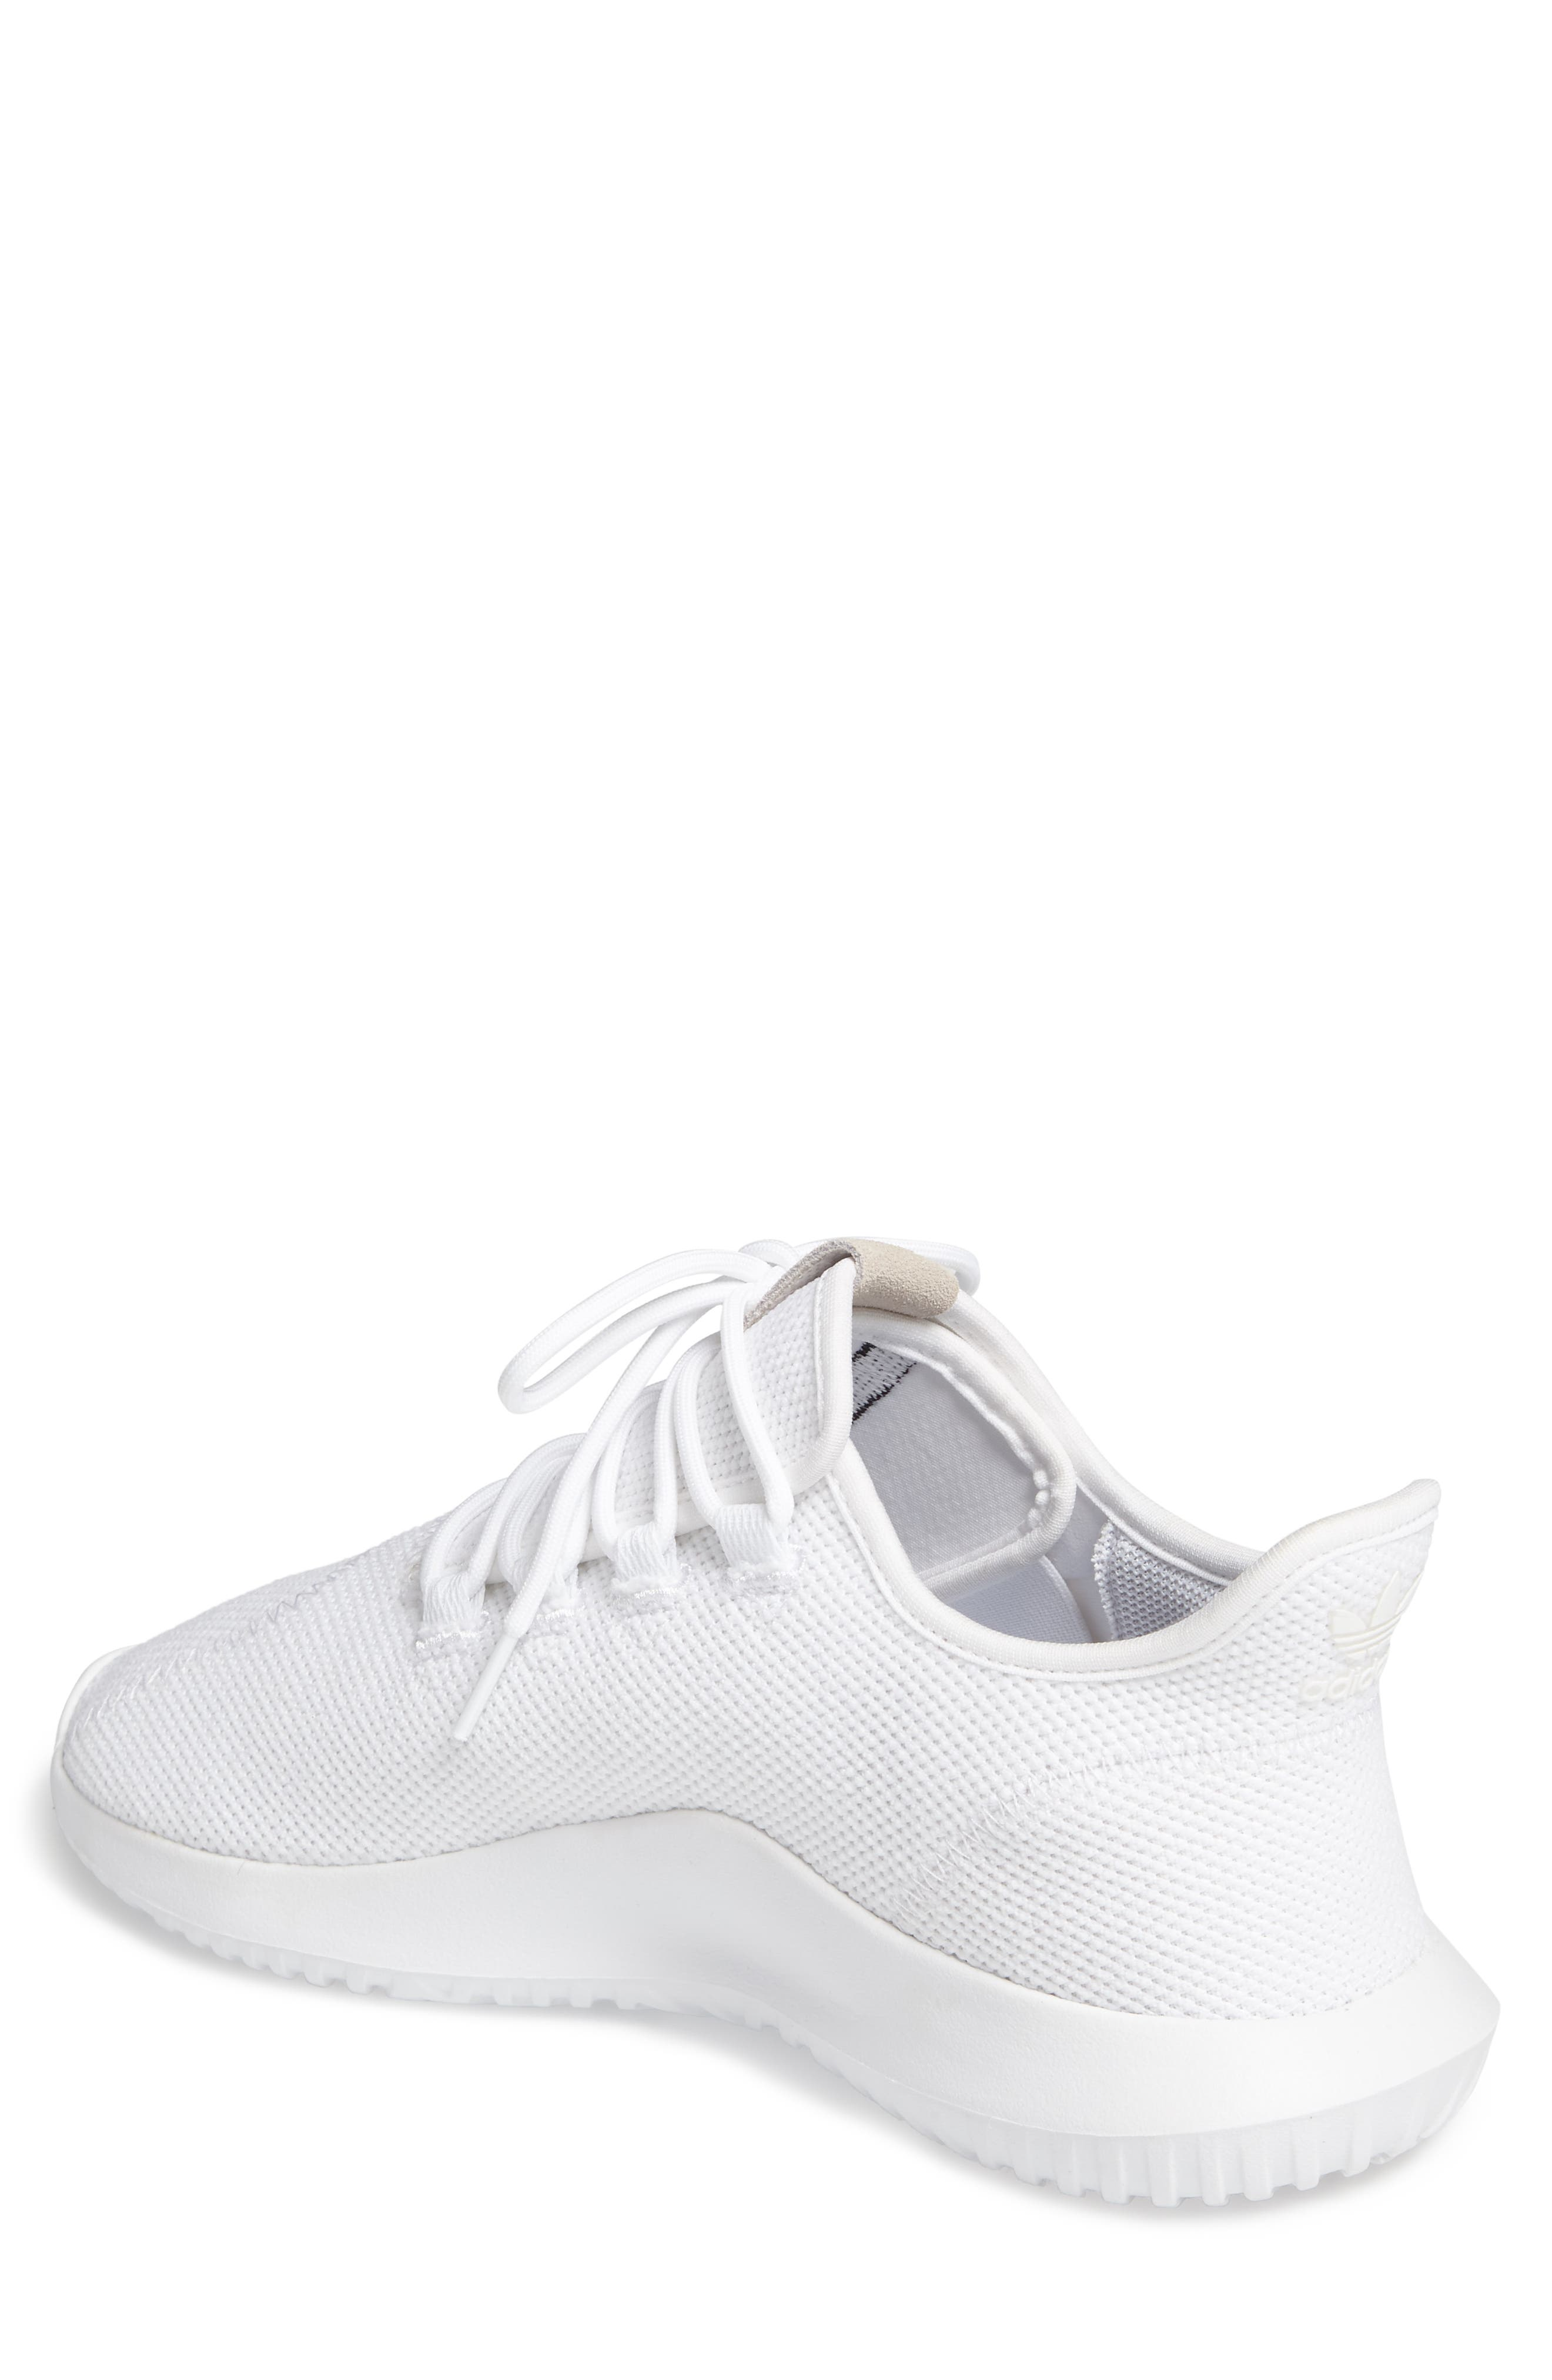 Alternate Image 2  - adidas Tubular Shadow Sneaker (Men)